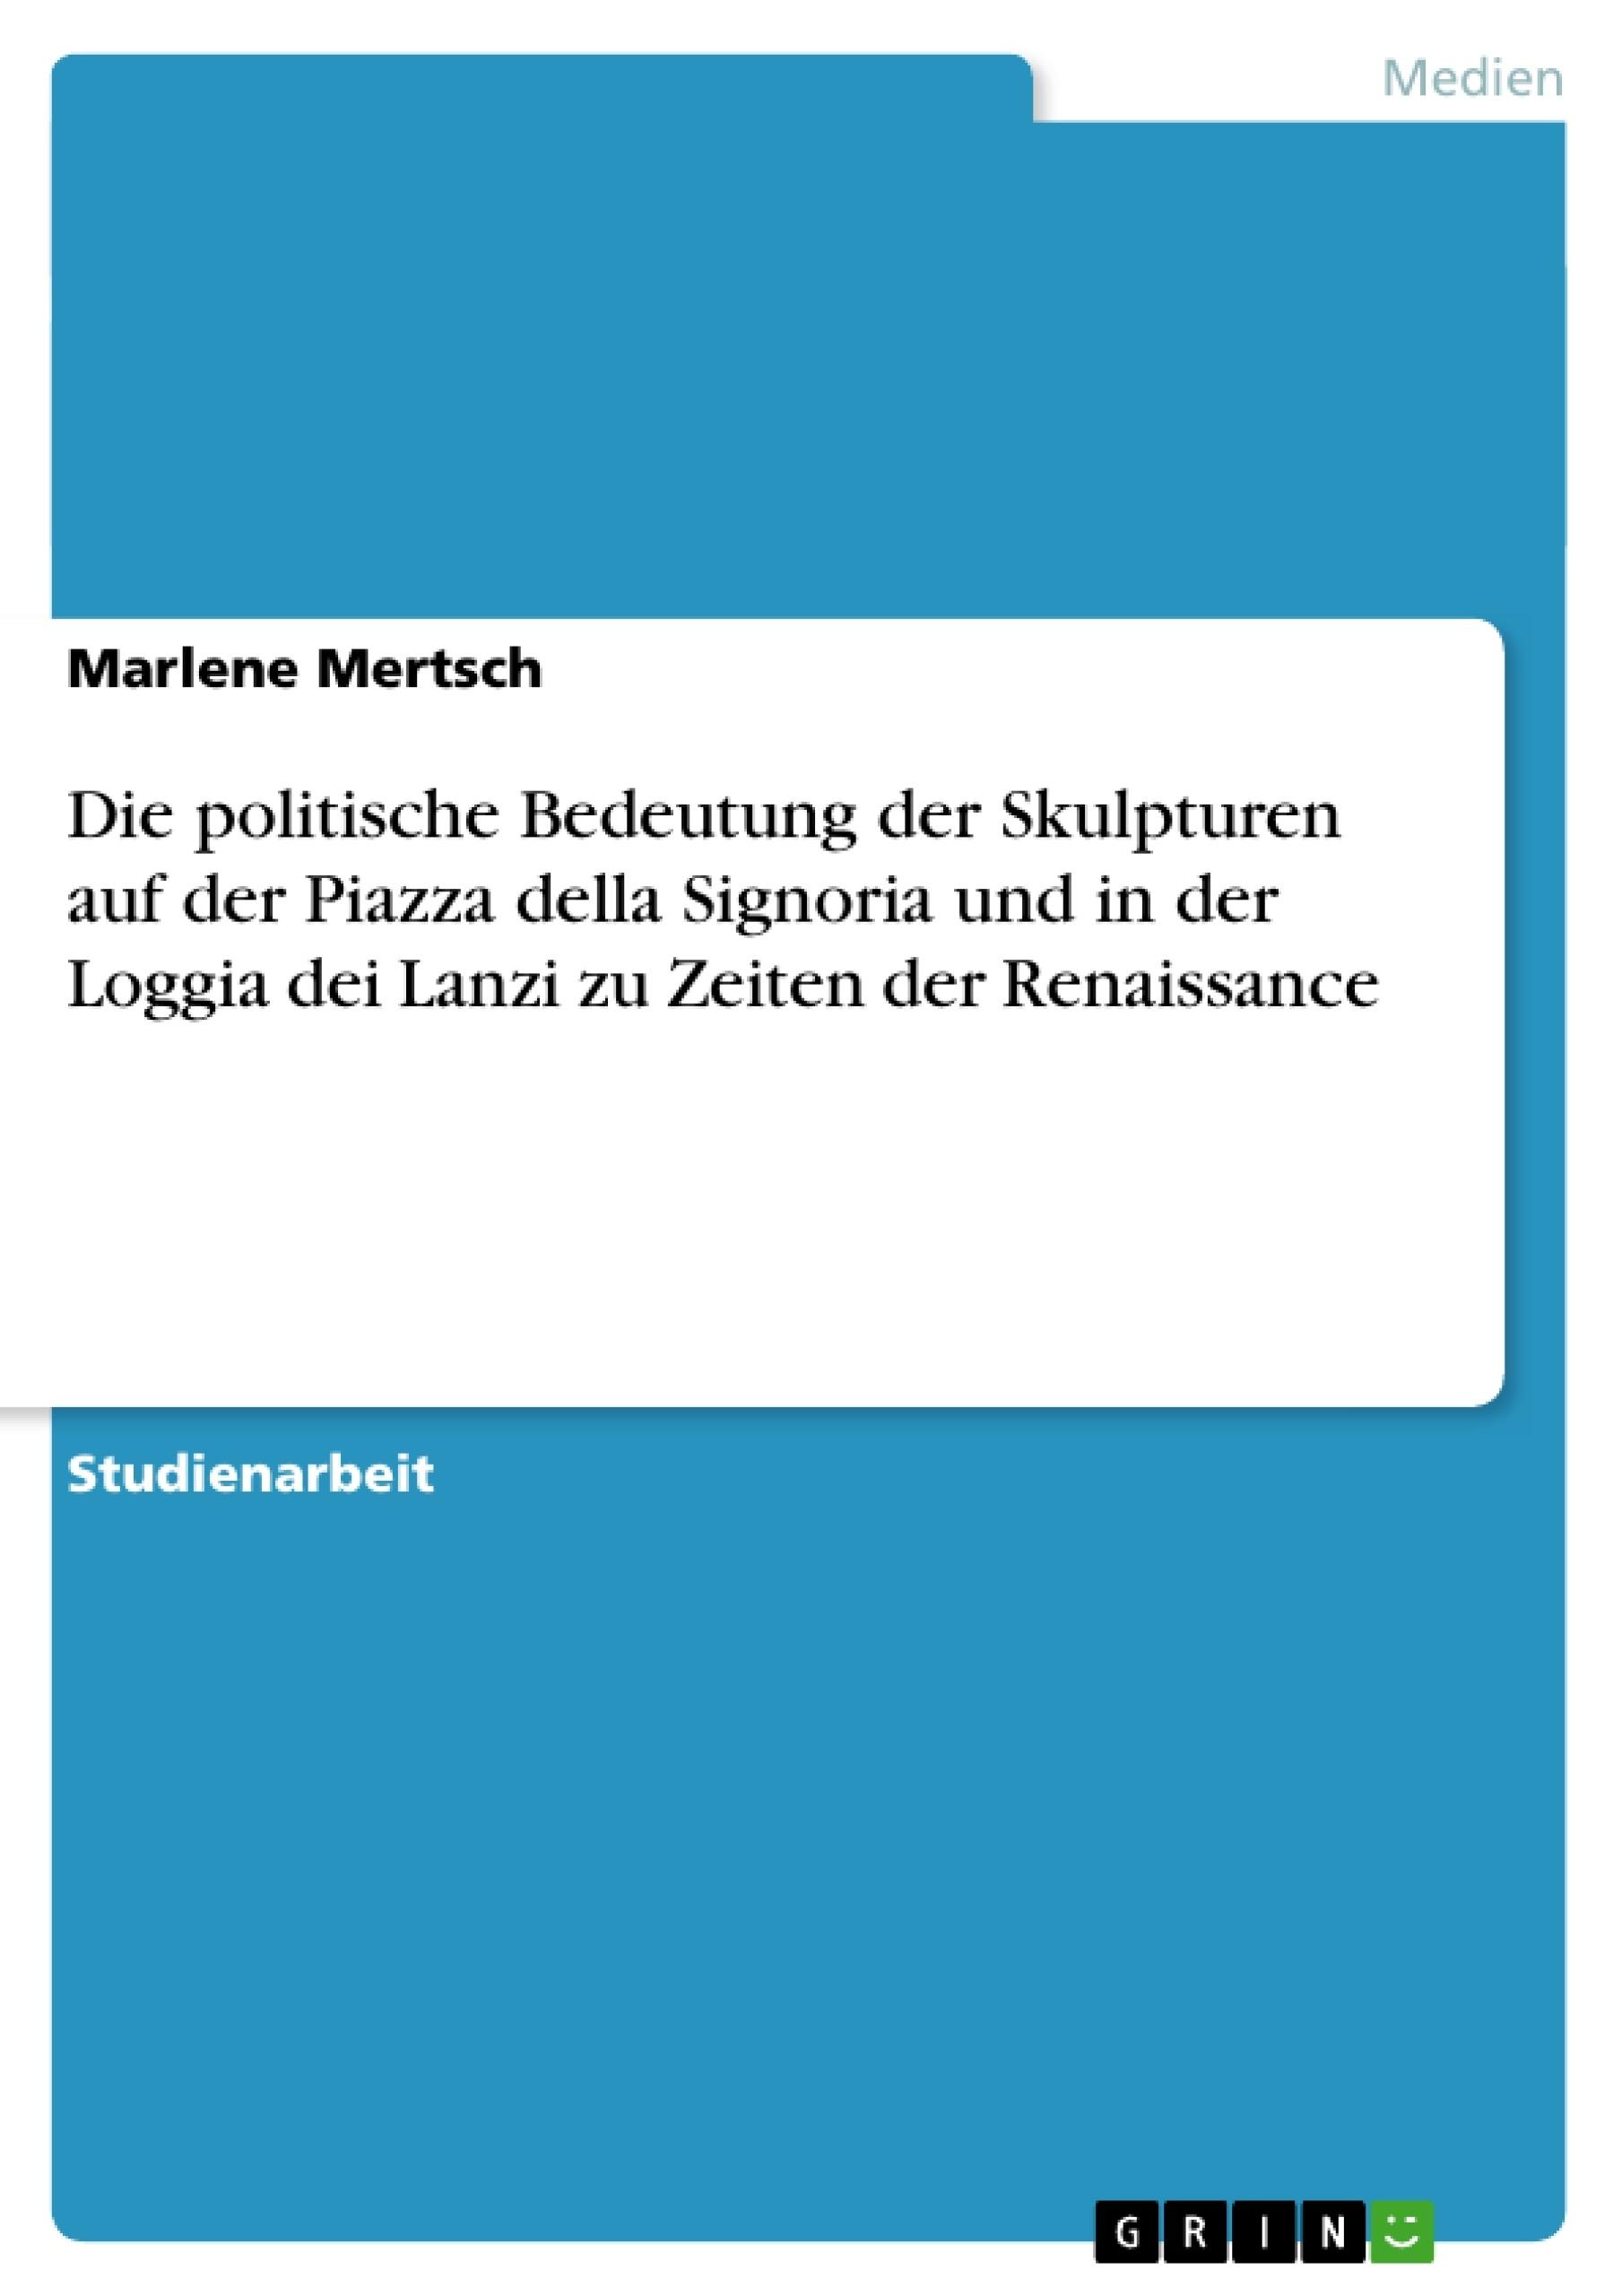 Titel: Die politische Bedeutung der Skulpturen auf der Piazza della Signoria und in der Loggia dei Lanzi zu Zeiten der Renaissance